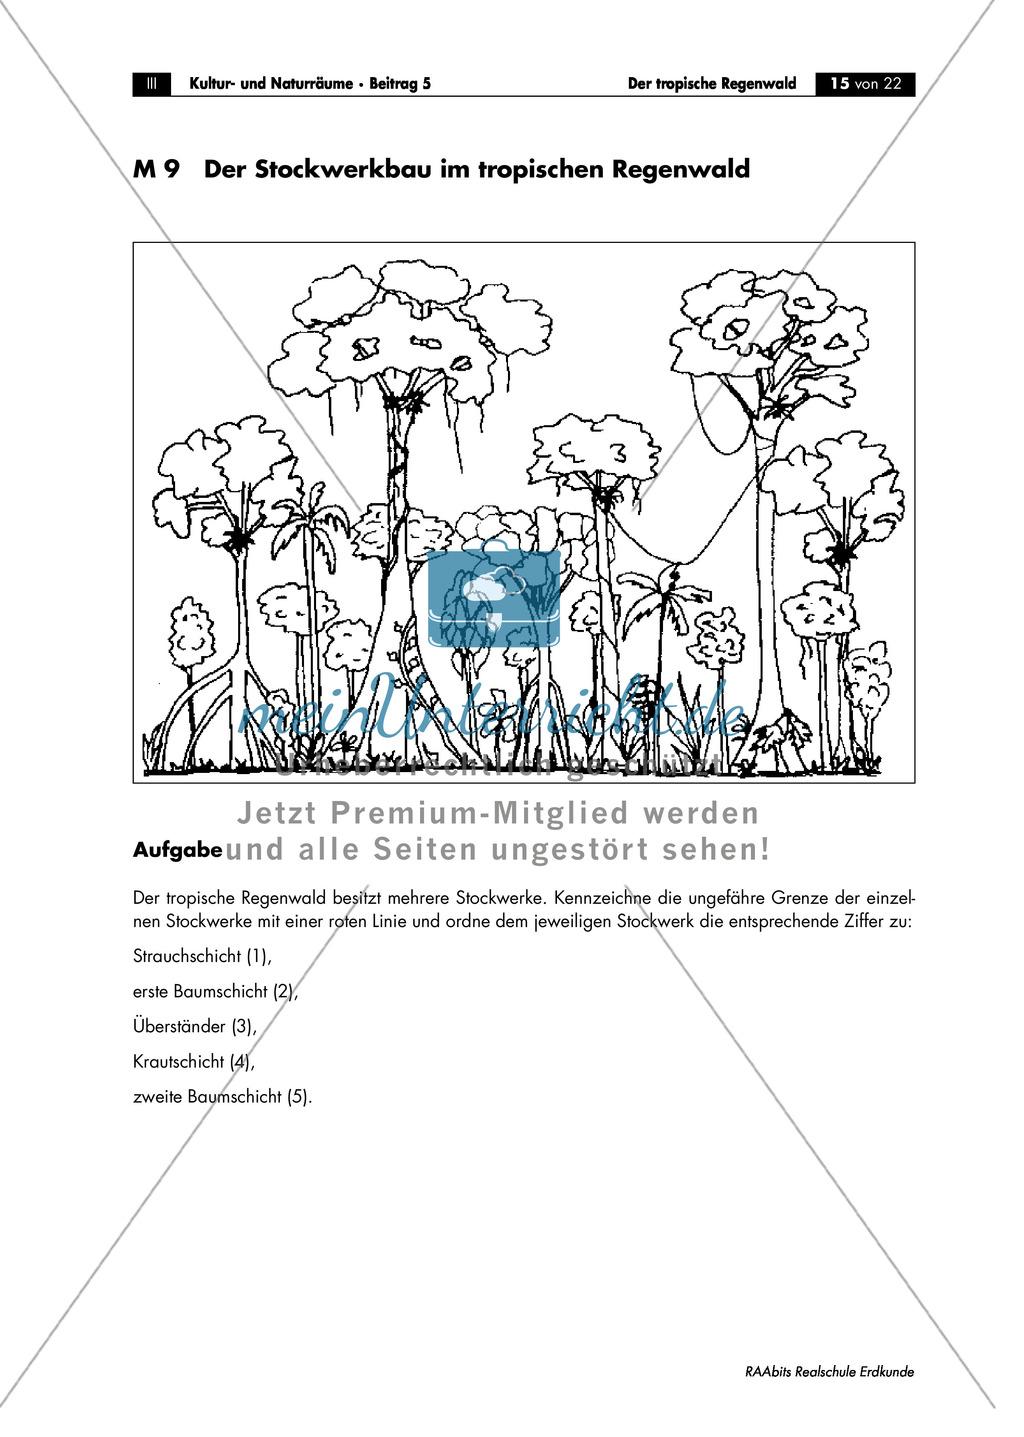 Der tropische Regenwald: Vegetation + Böden + Nährstoffkreislauf Preview 3